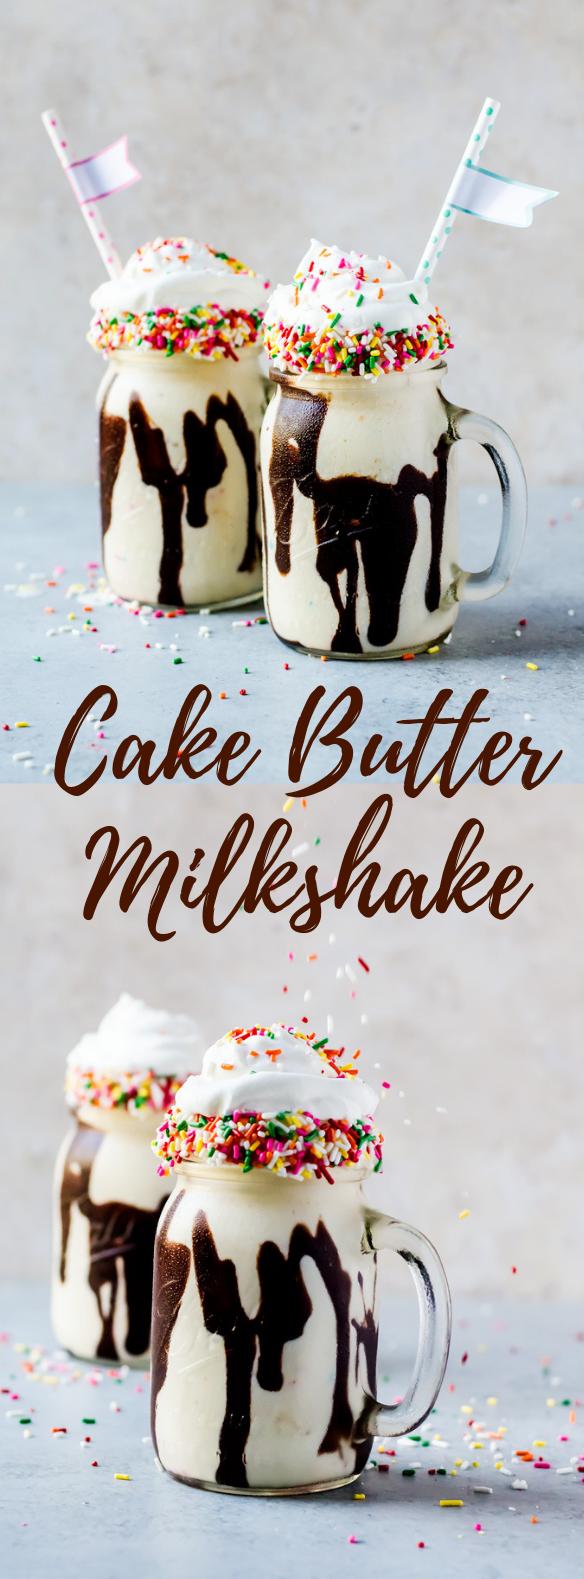 CAKE BATTER MILKSHAKE #Delicious #milkshakes